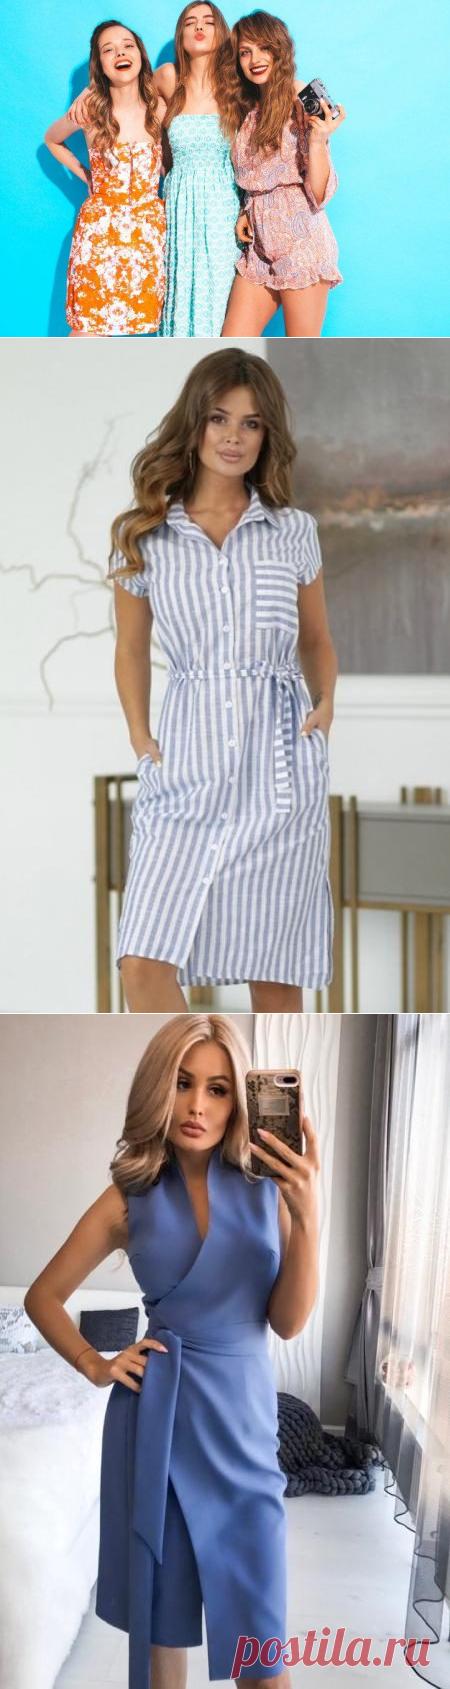 Модели платьев, которые подходят абсолютно всем женщинам